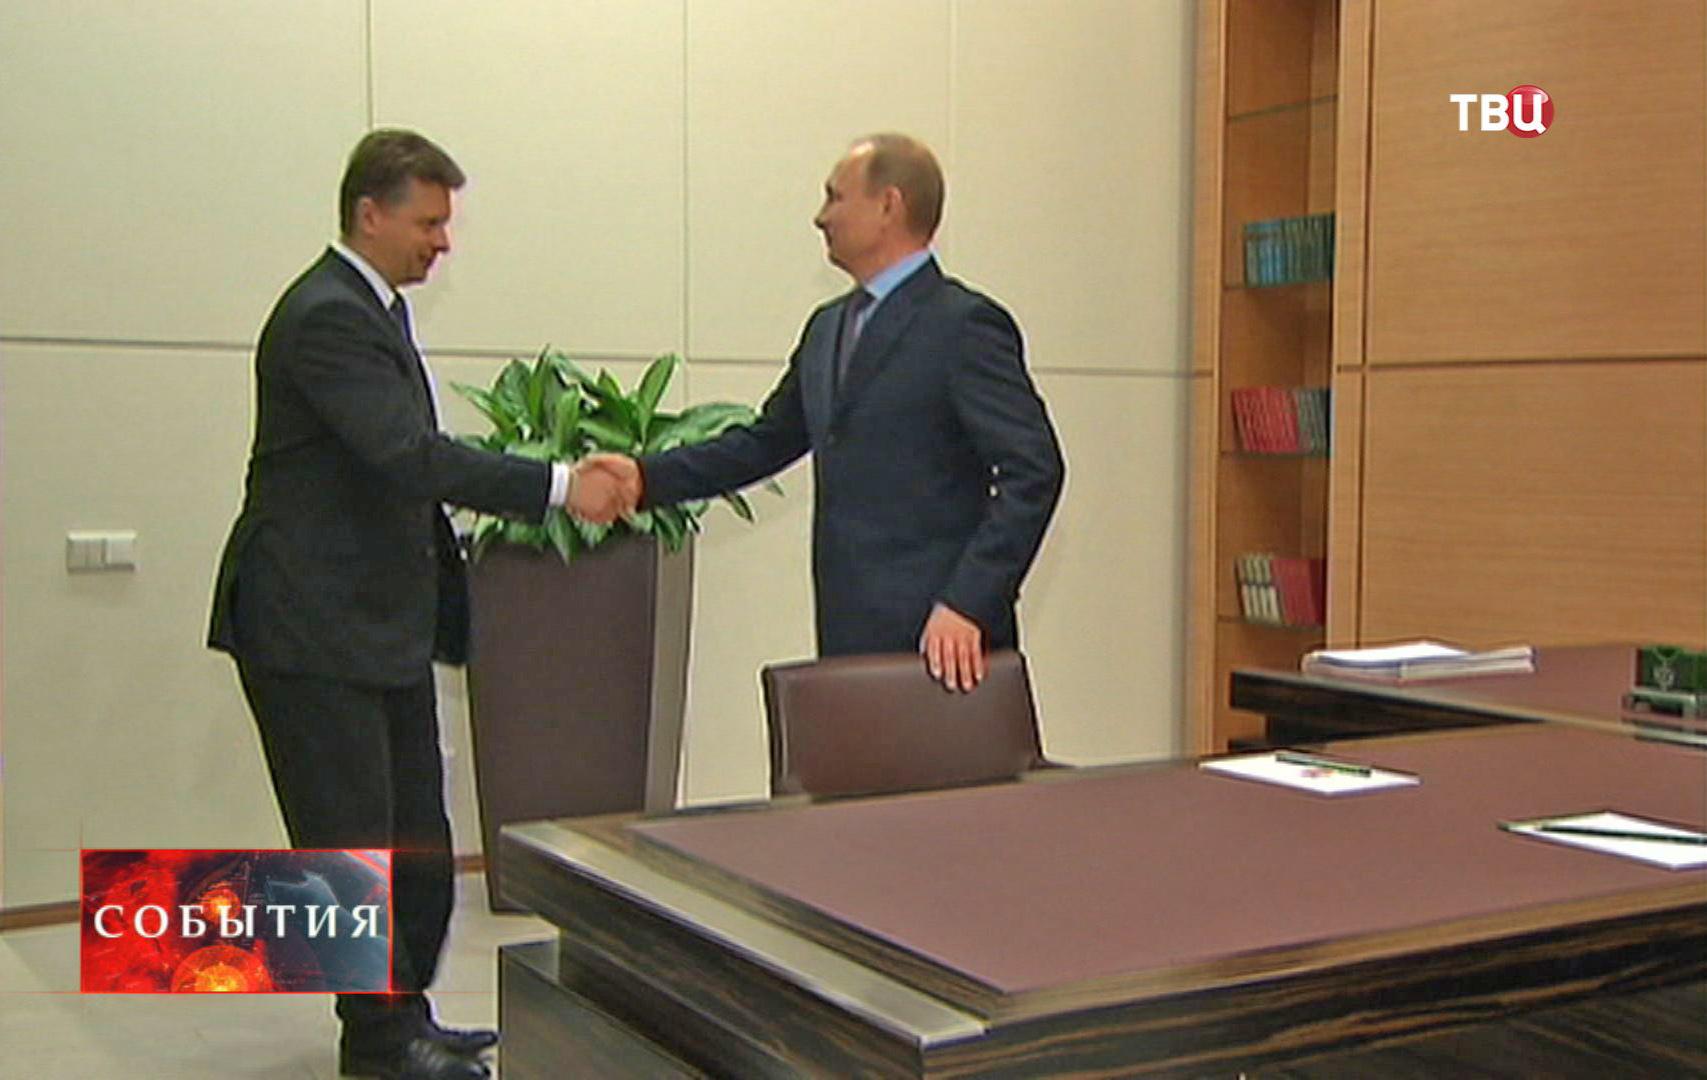 Встреча Владимира Путина с министром транспорта Максимом Соколовым